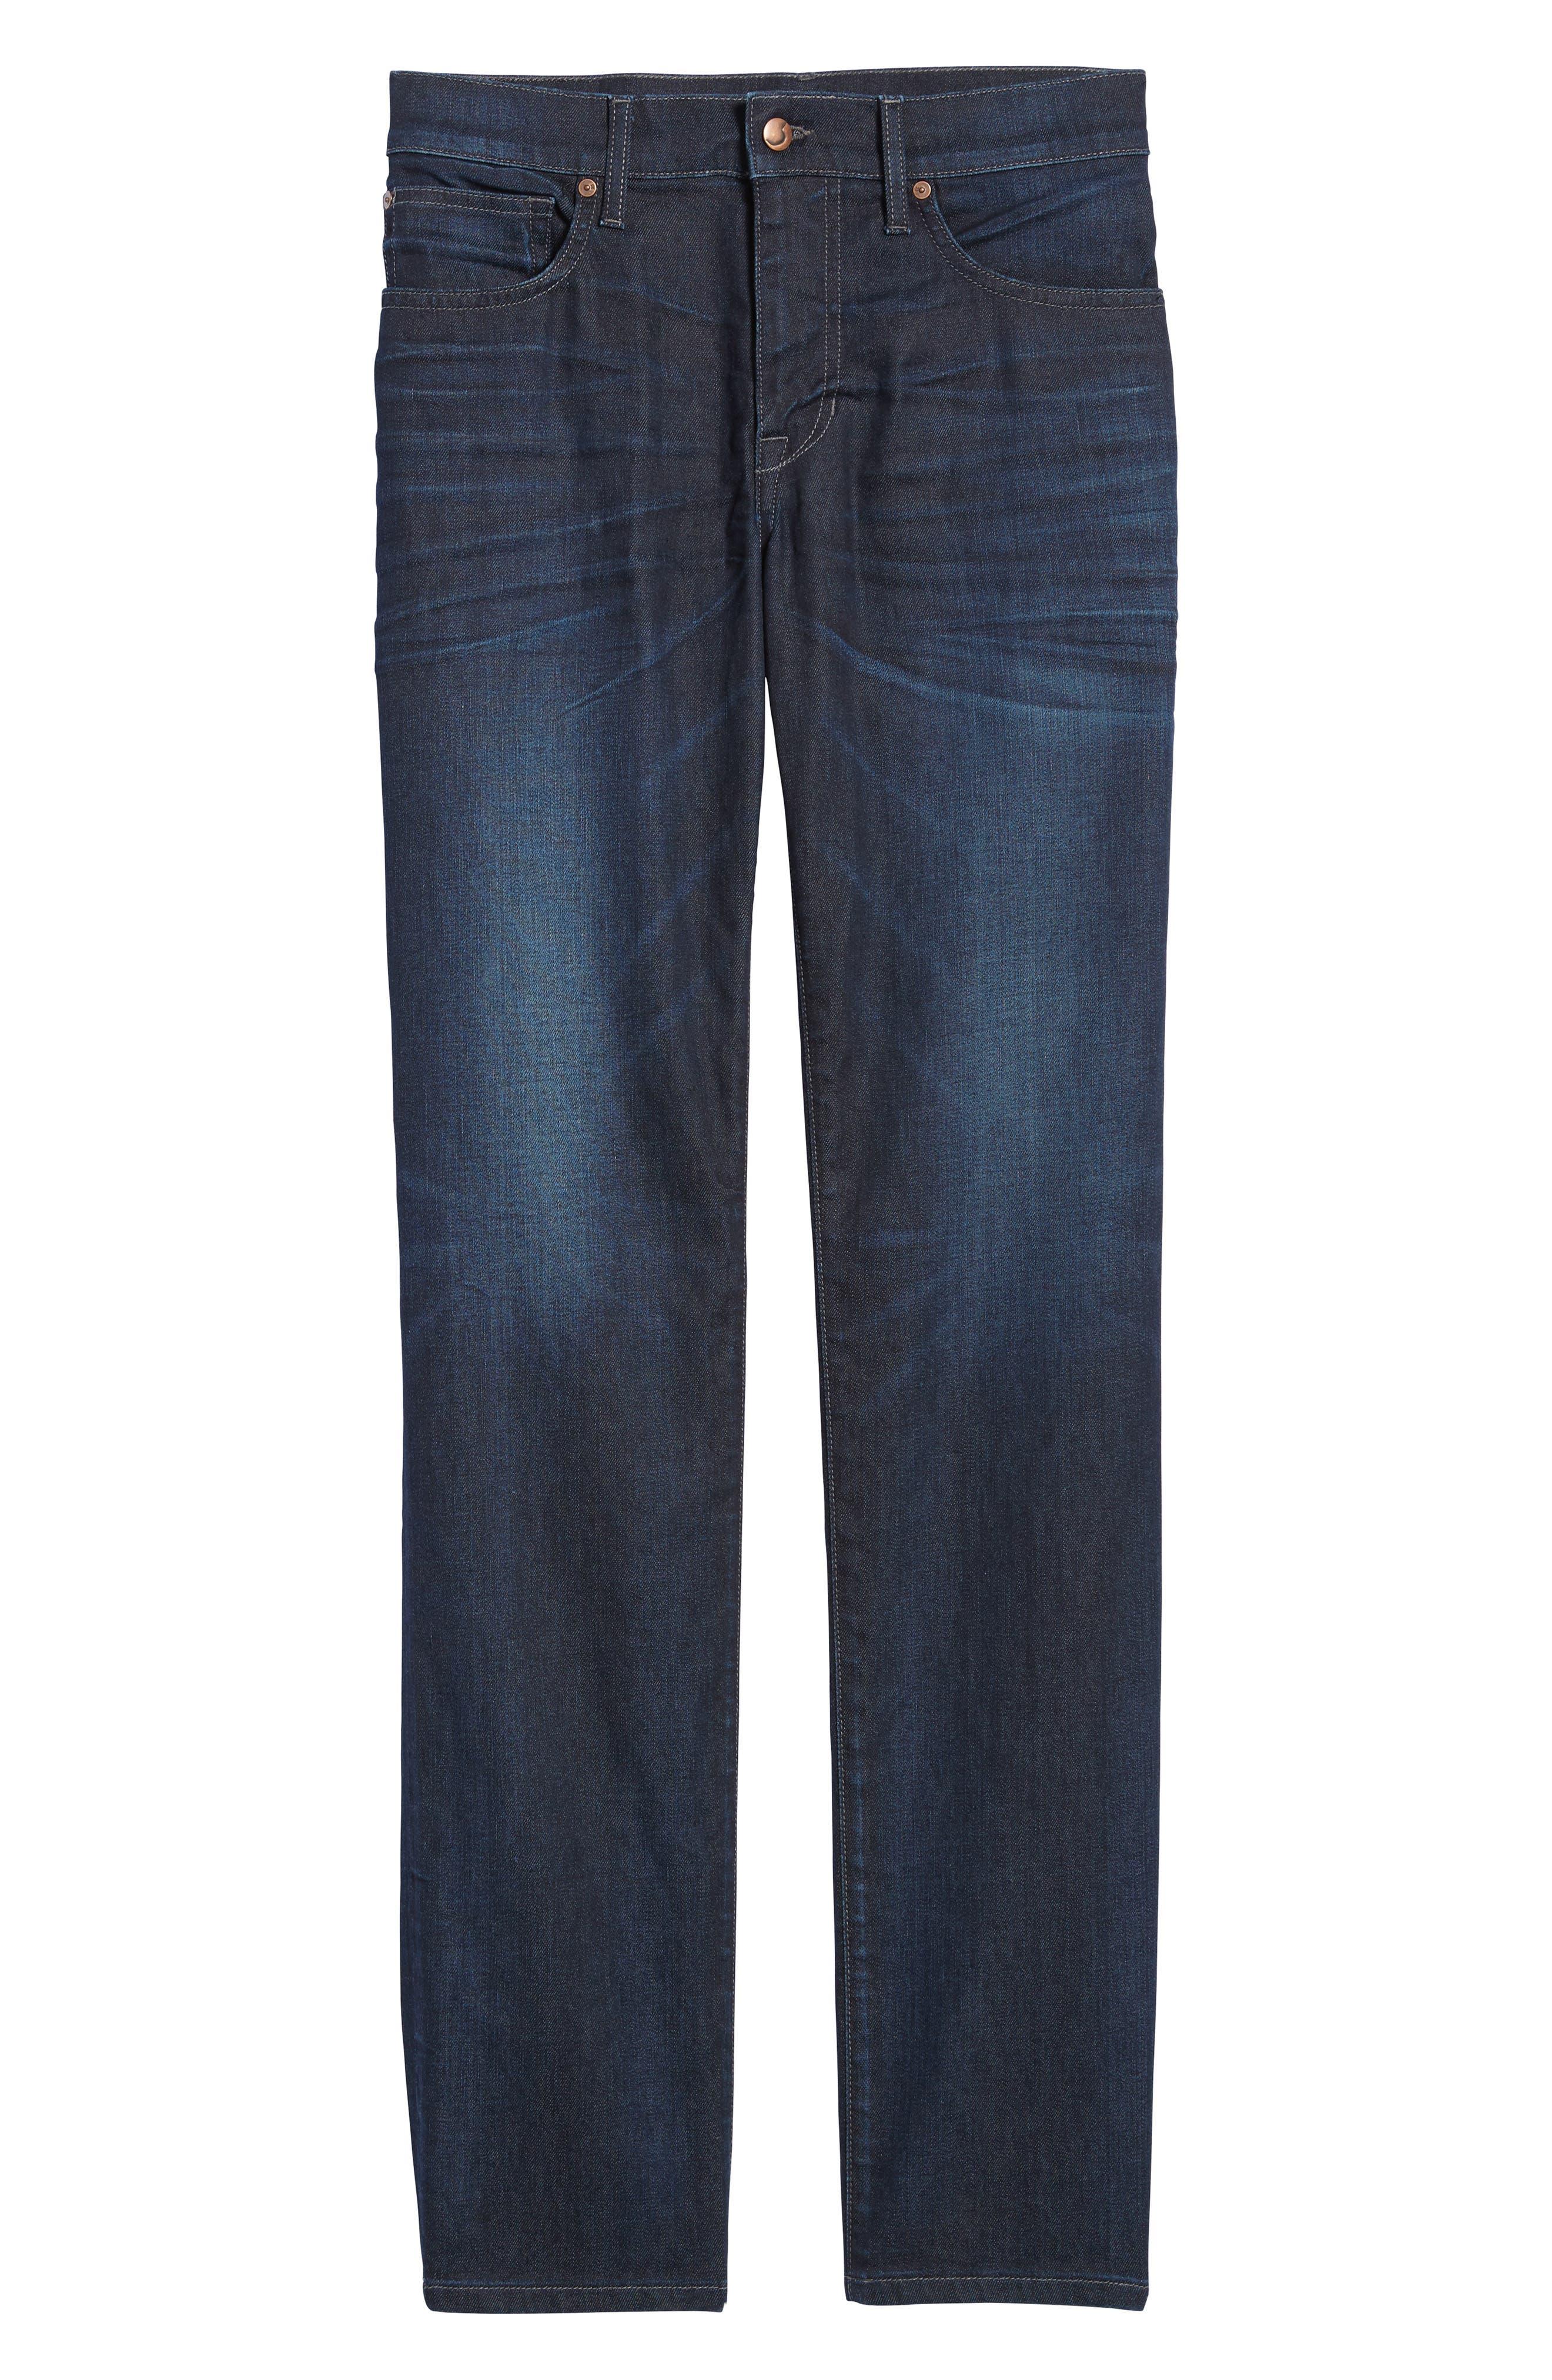 Brixton Slim Straight Leg Jeans,                             Alternate thumbnail 6, color,                             Guest